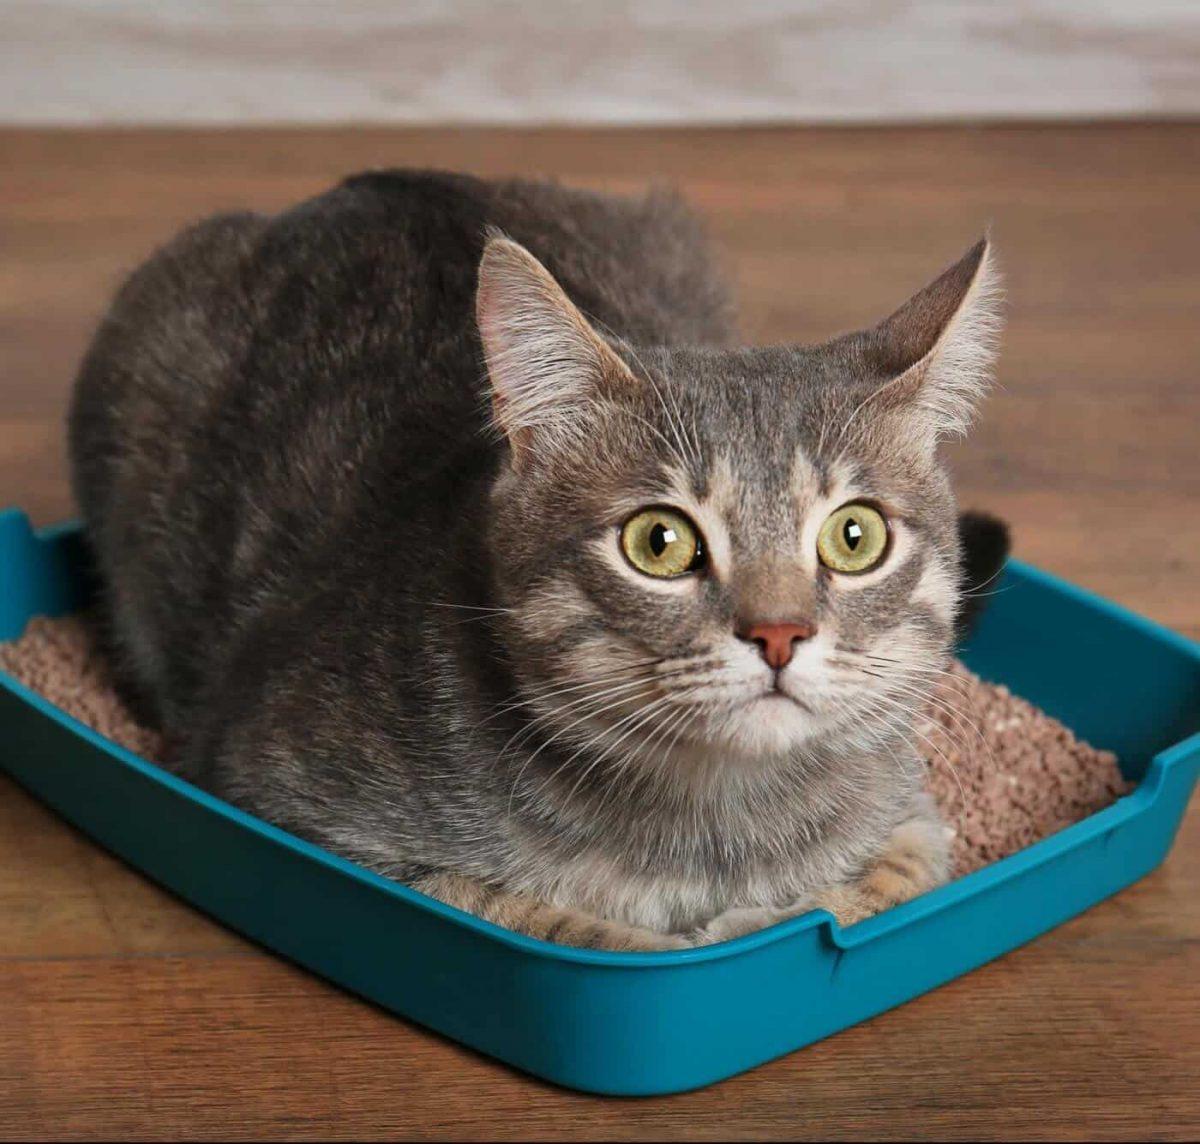 گربه در خاک